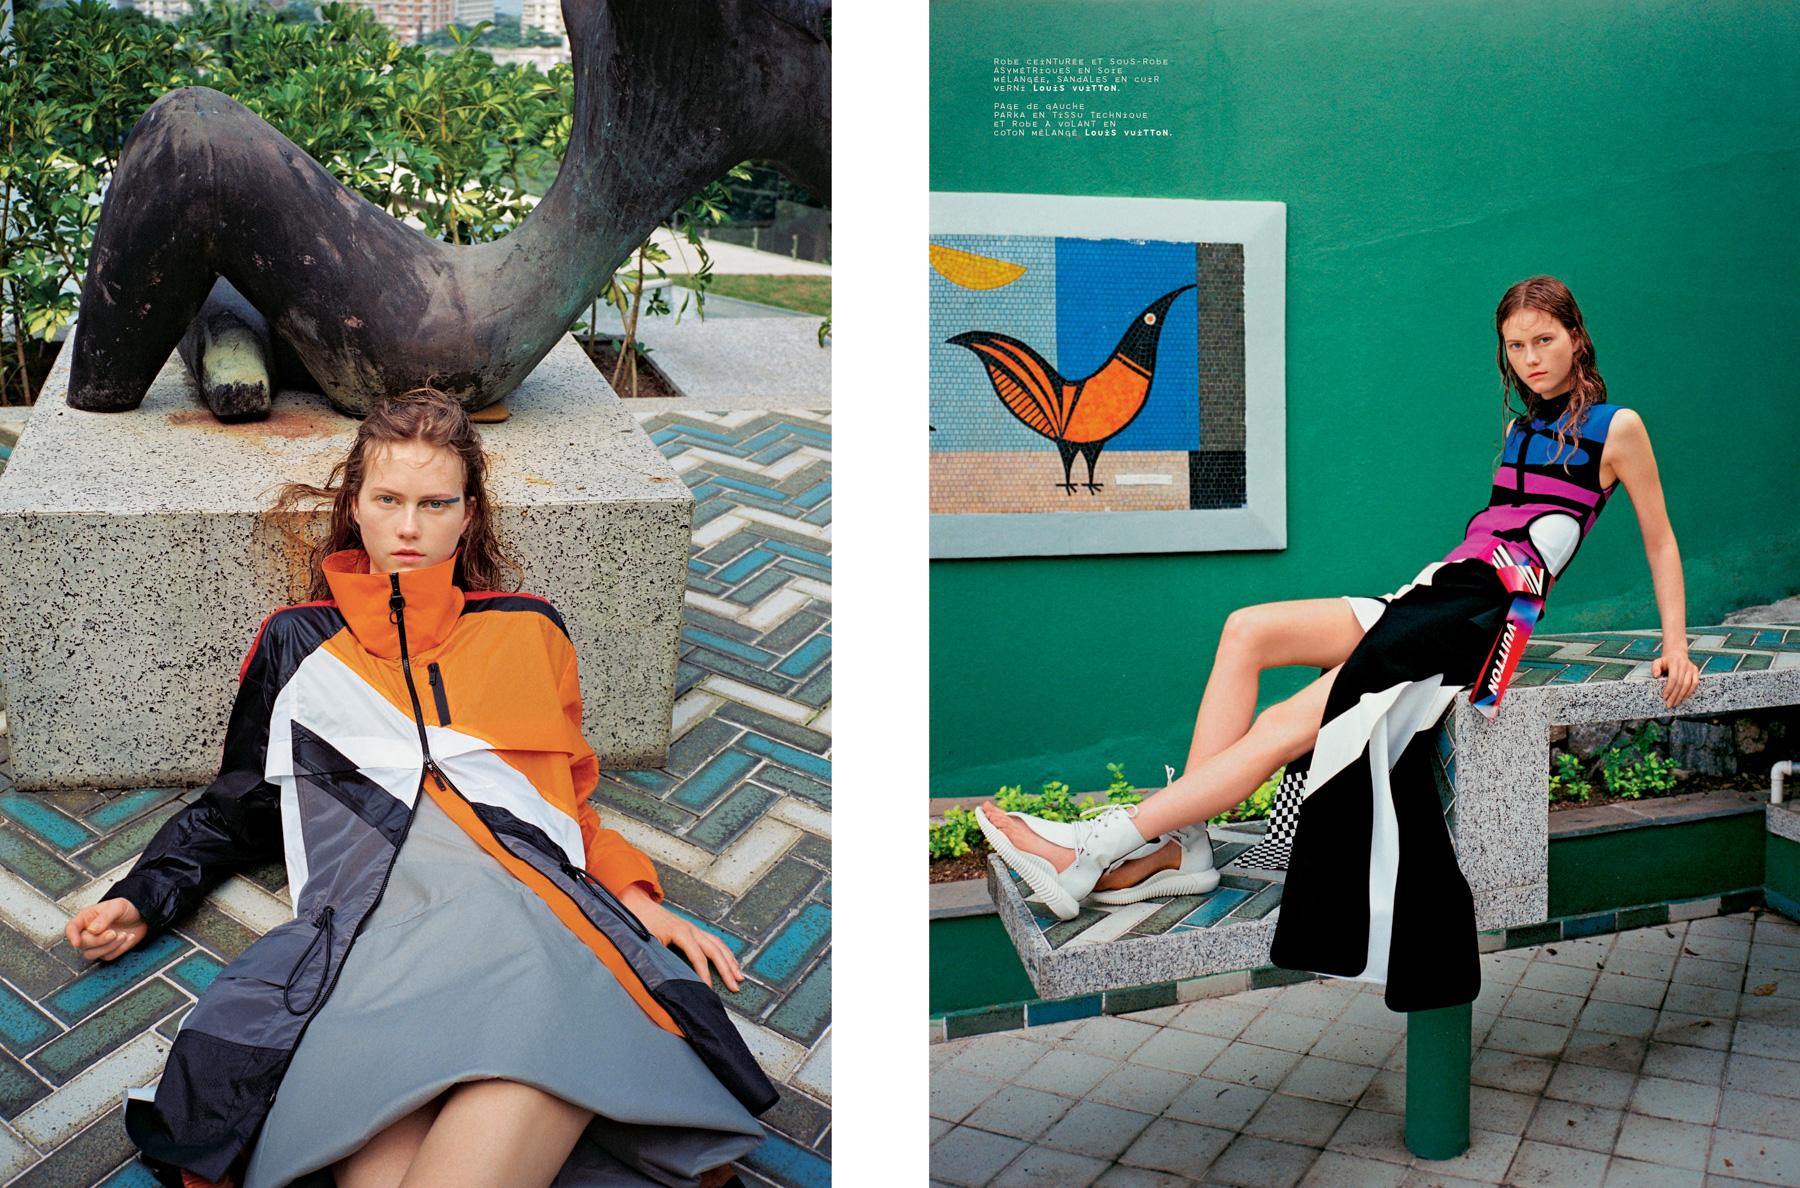 Louis Vuiton for Mixte Magazine